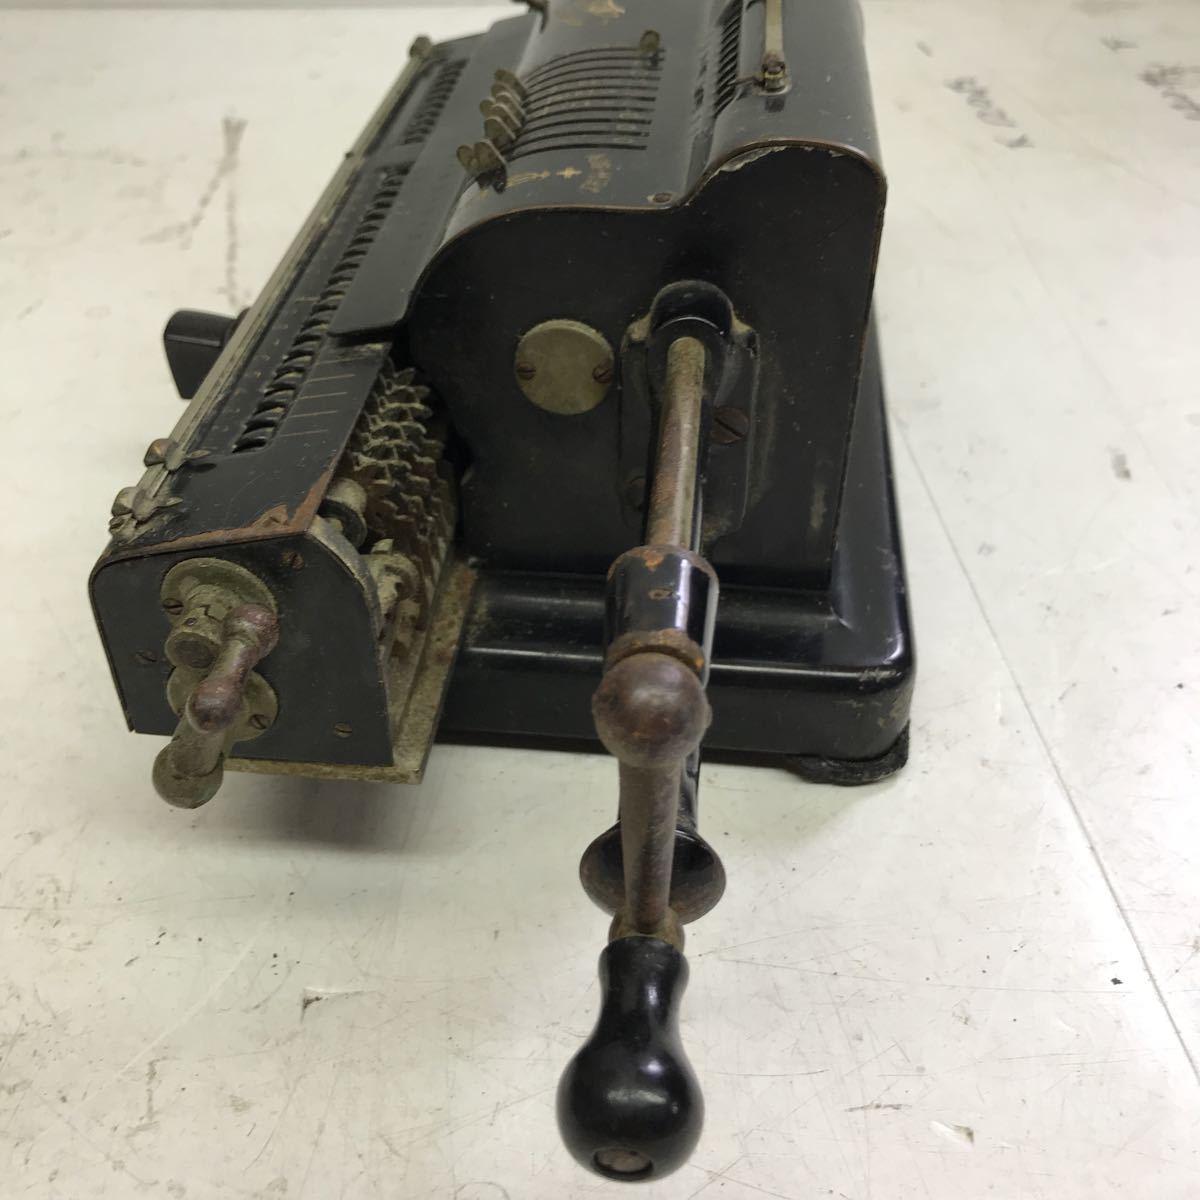 Tiger calculator タイガー計算機手回し 黒 ブラック 昭和レトロ タイガー 機械式計算機 アンティーク 手動式 _画像6